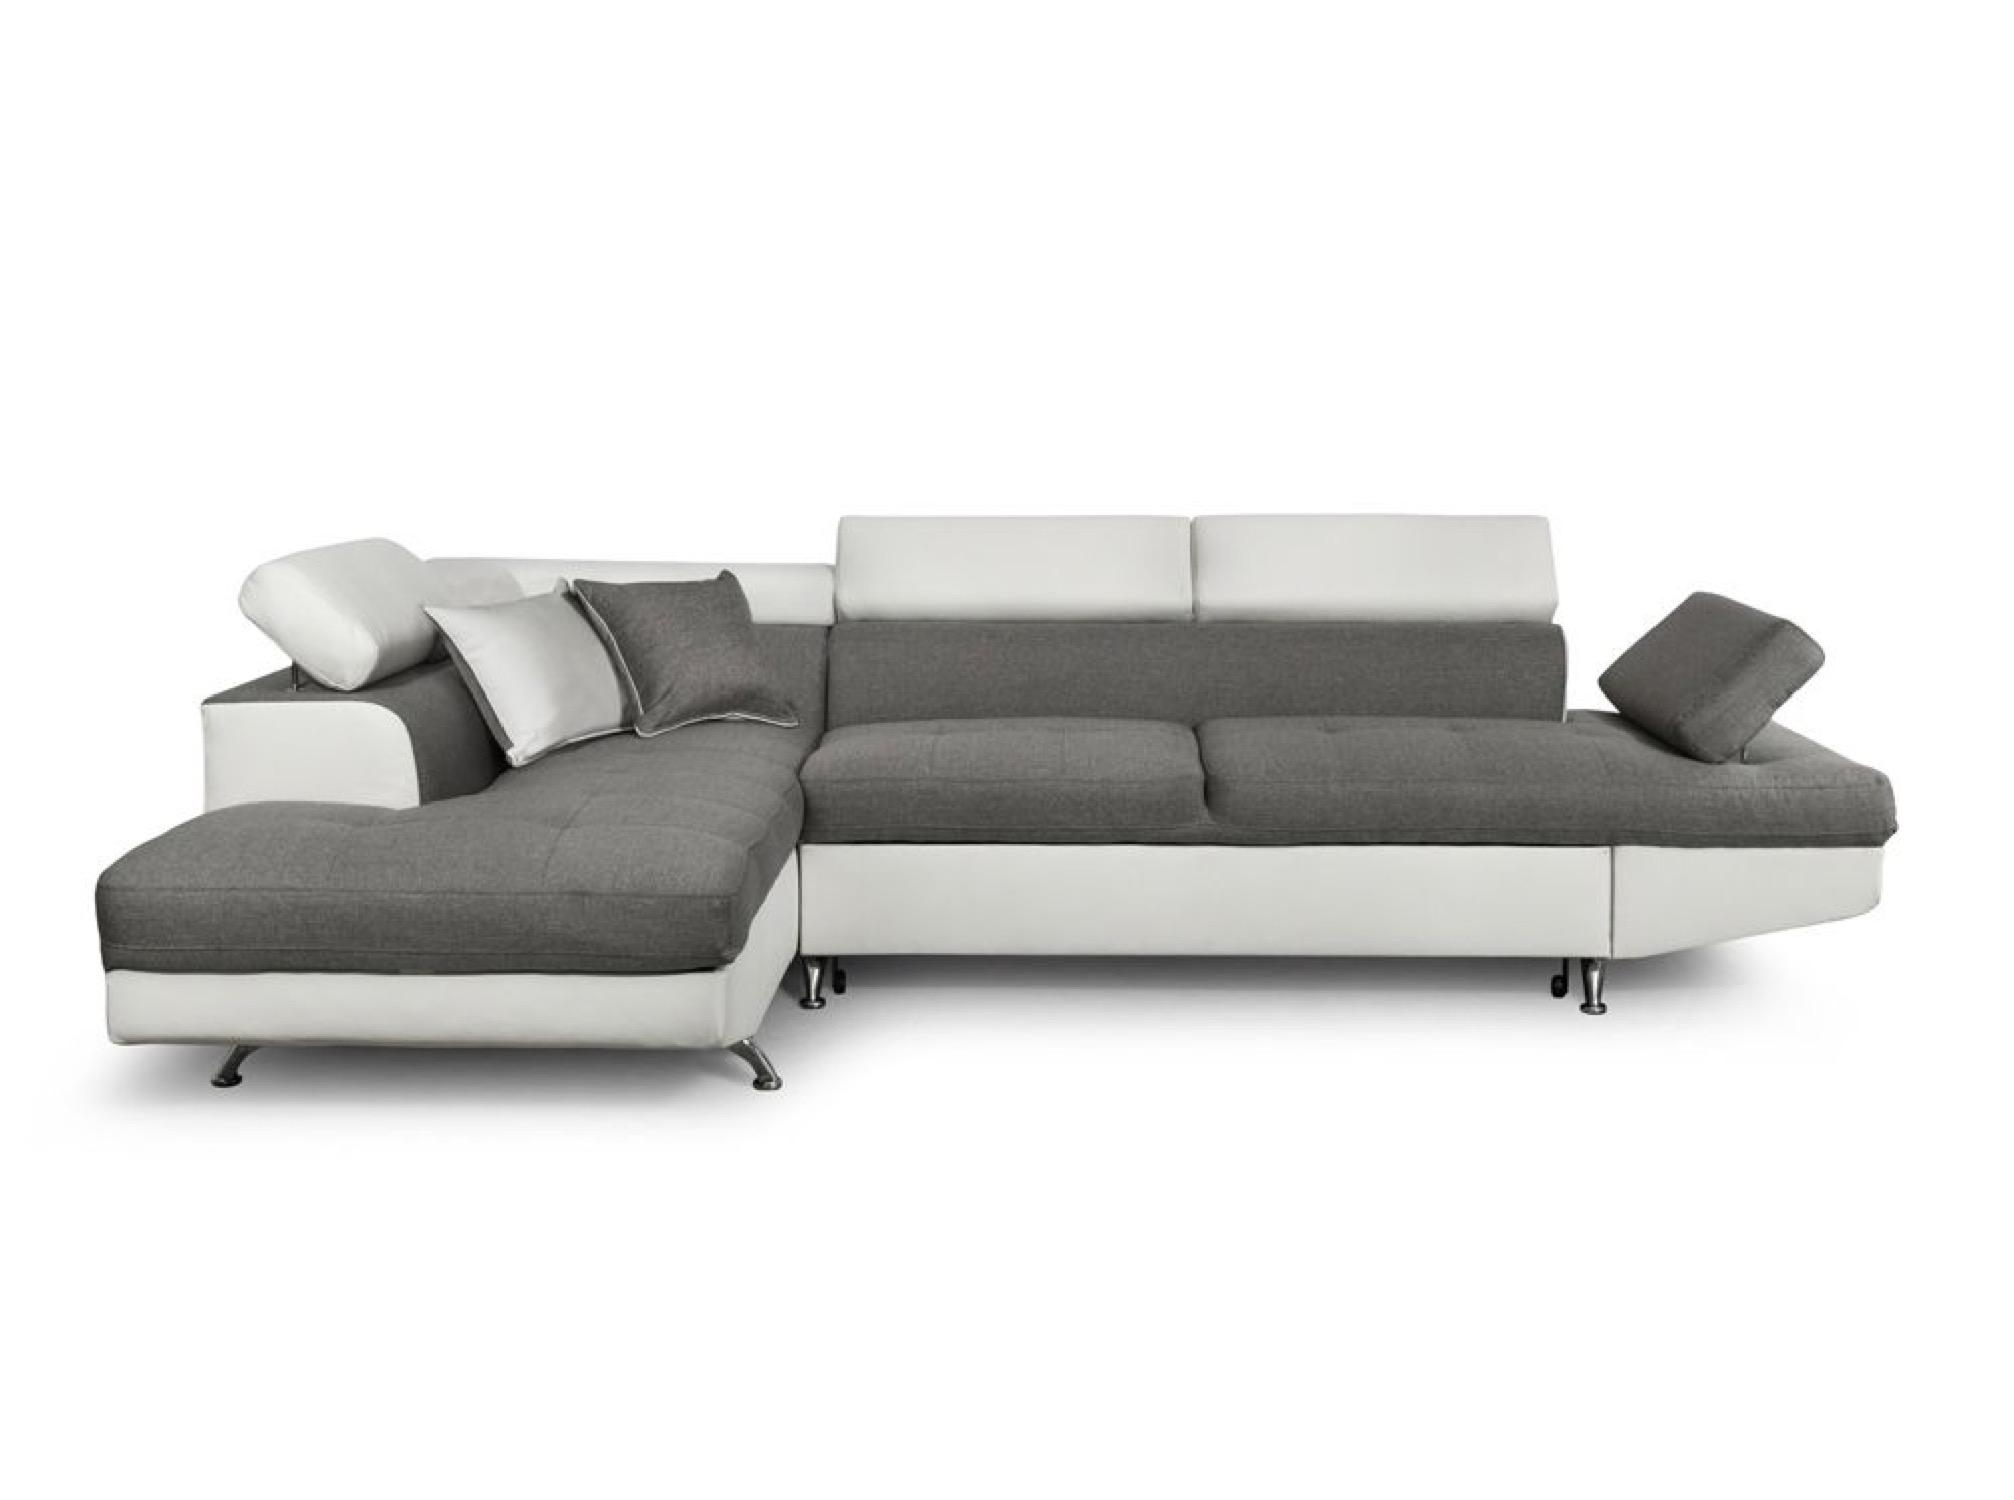 Canapé d'angle 5 places Blanc Contemporain Confort